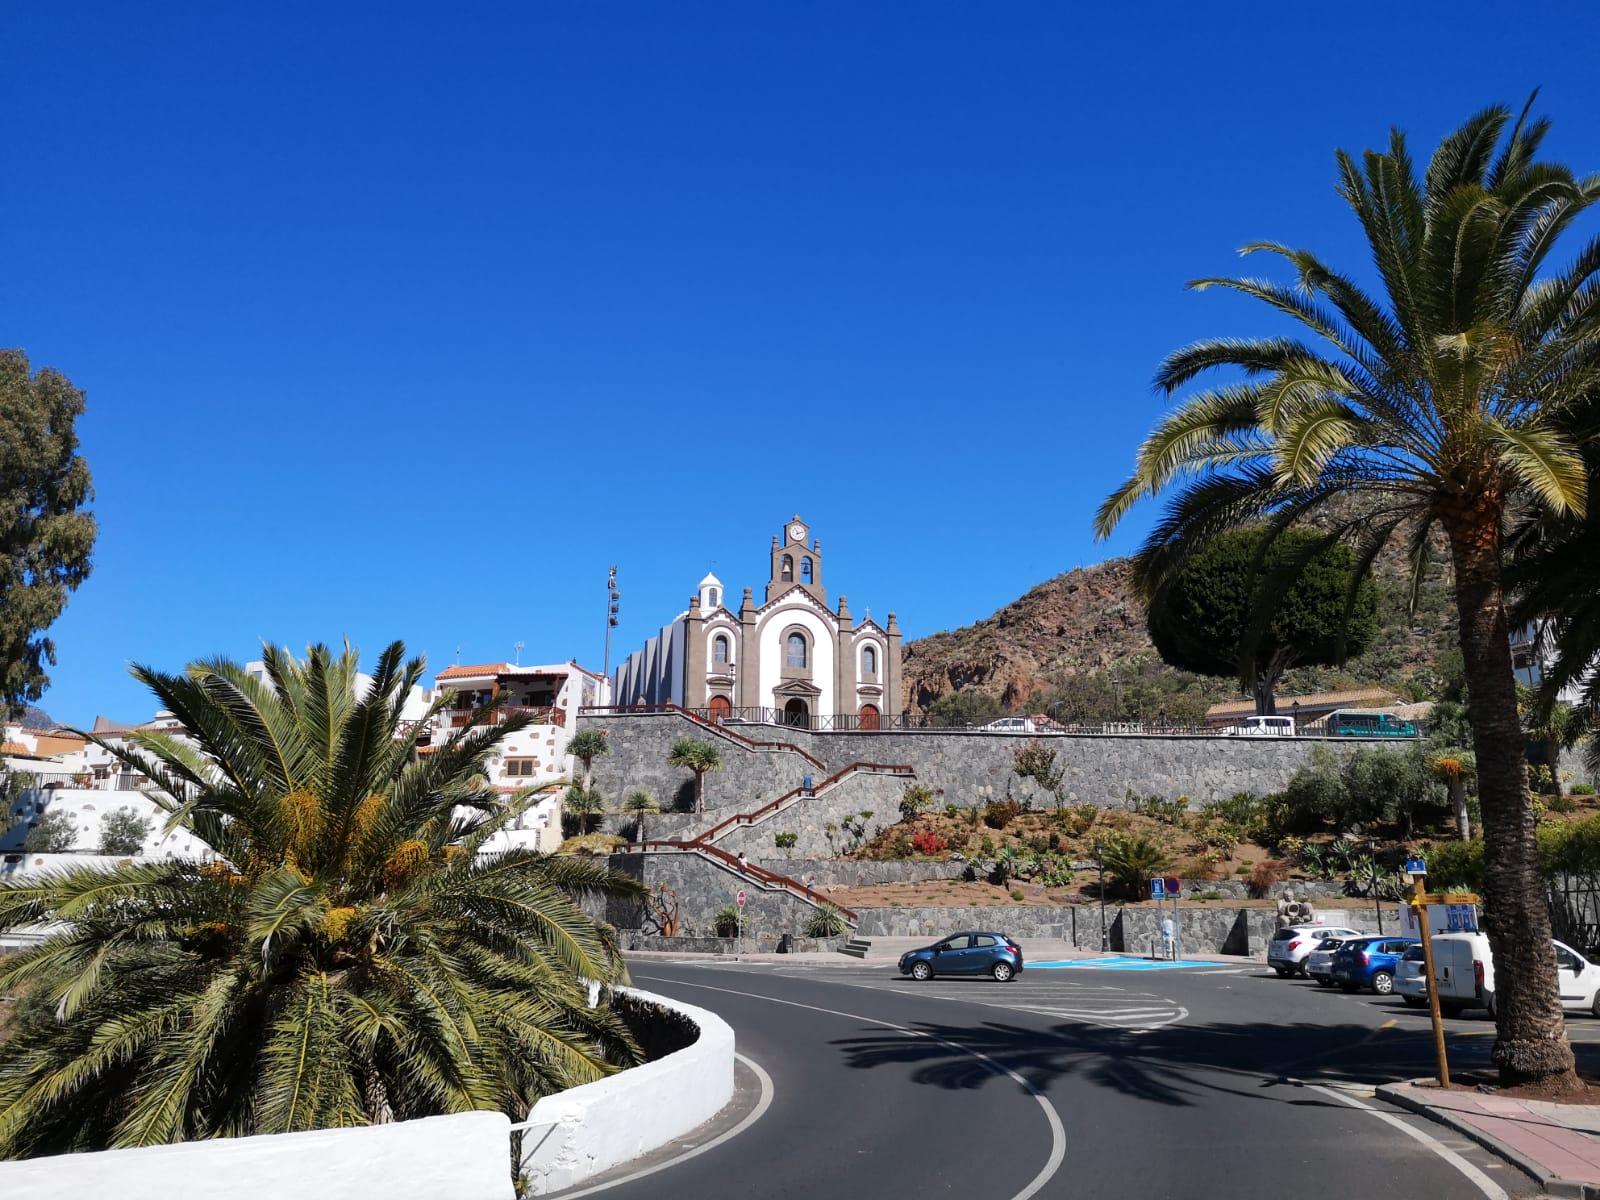 Straße mit Plamen, die zur Kirch von Santa Lucía führt